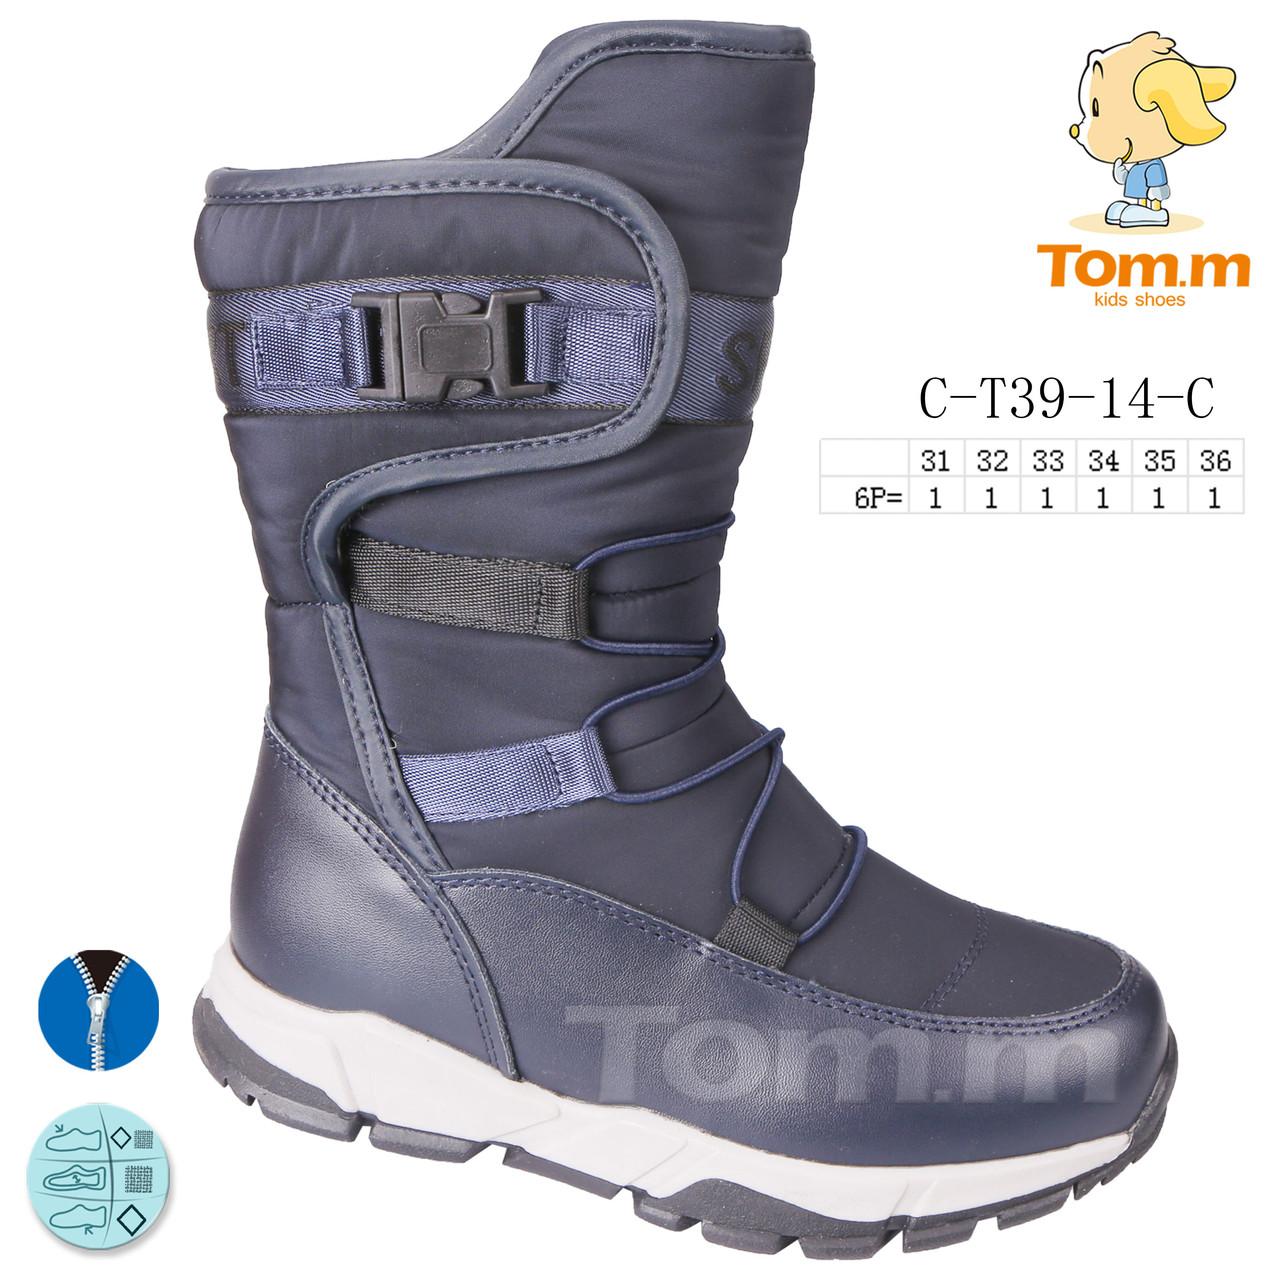 Детские термодутики Том М, с 31 по 36 размер, 6 пар